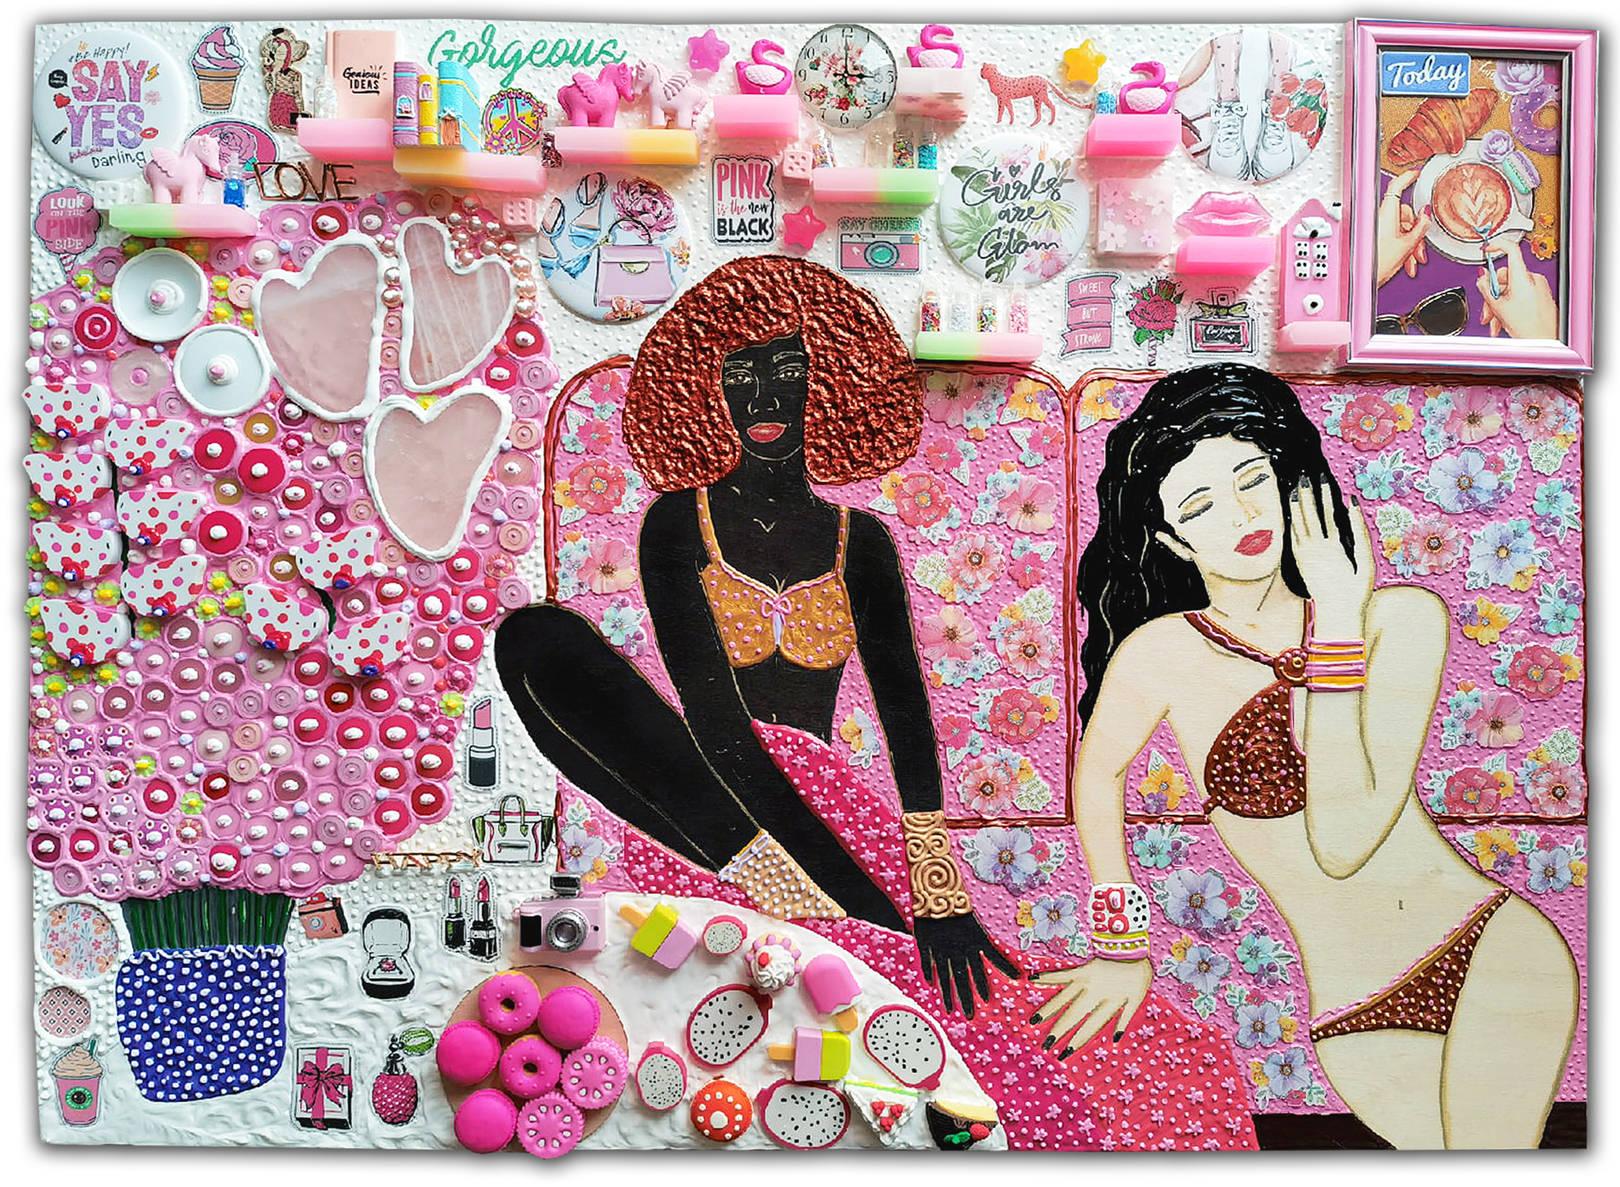 Акрил, деревянная панель, розовый кварц, декоративные элементы, стекло, пластик, металл, бумага, резина, дерево, маркеры